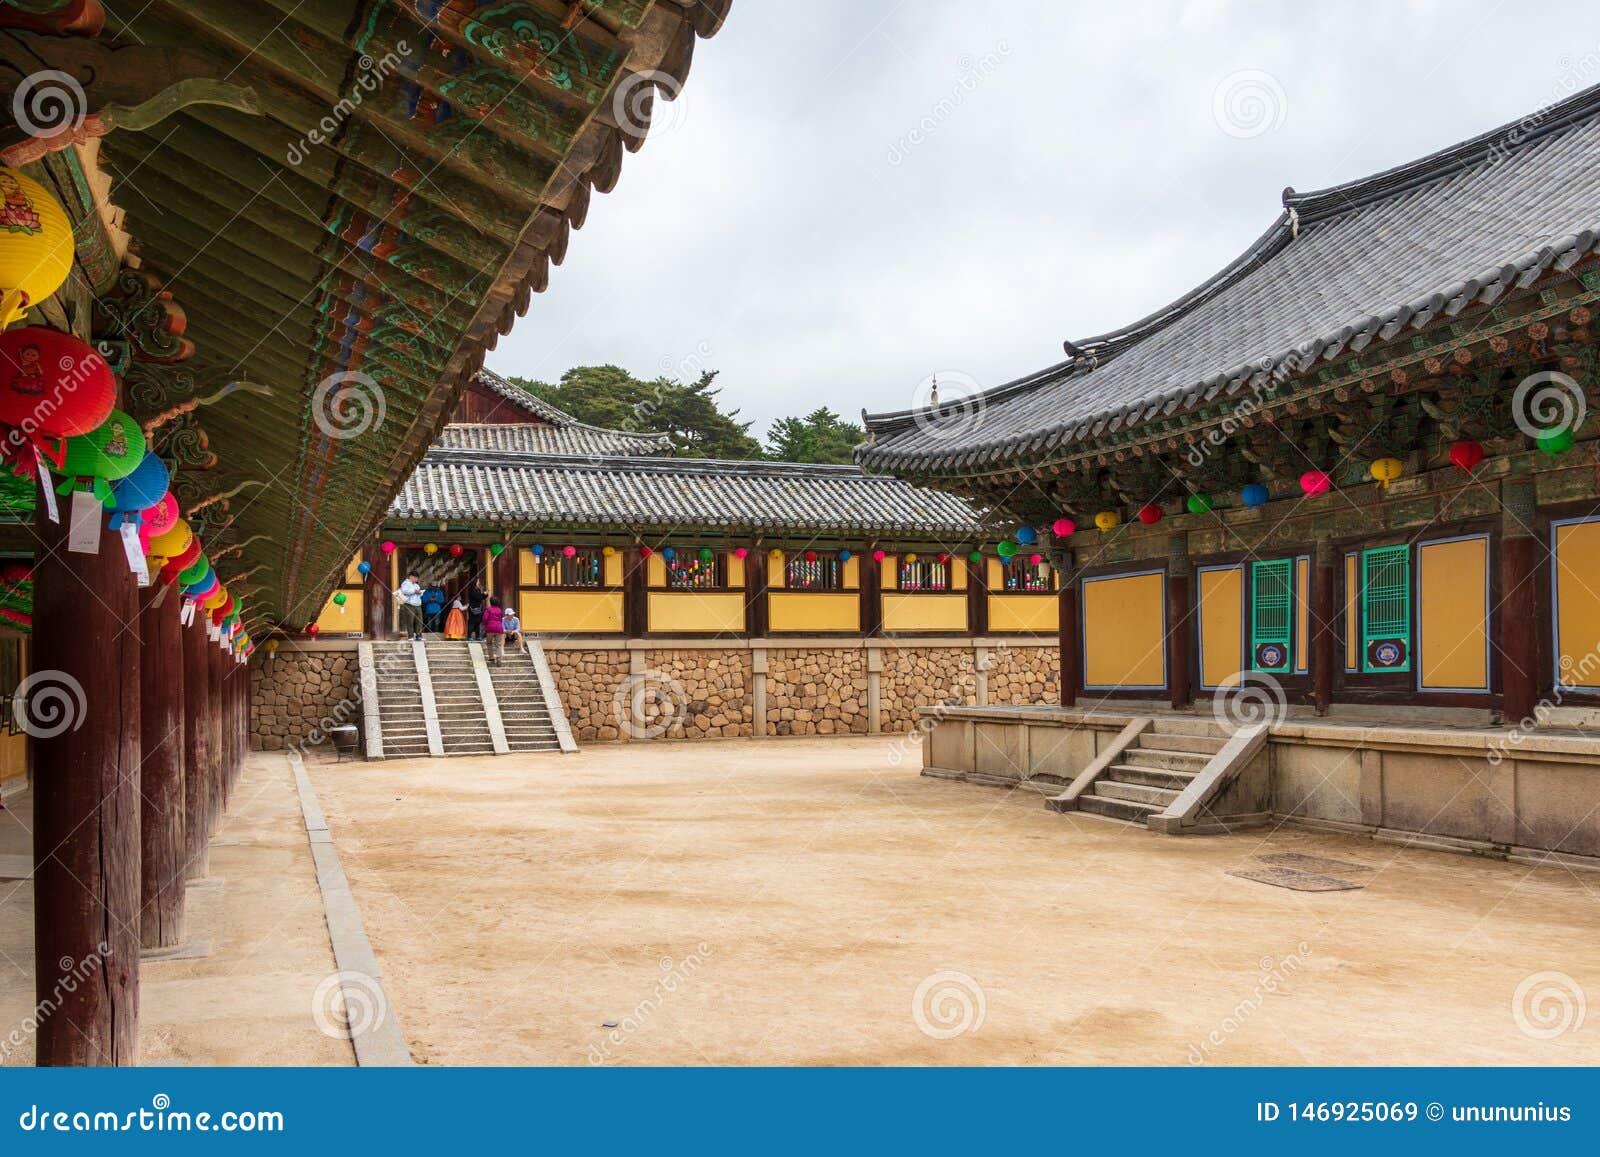 Εσωτερικό πανόραμα του κορεατικού buddhistic ναού Bulguksa με πολλά φανάρια για να γιορτάσει τα γενέθλια buddhas μια σαφή ημέρα r